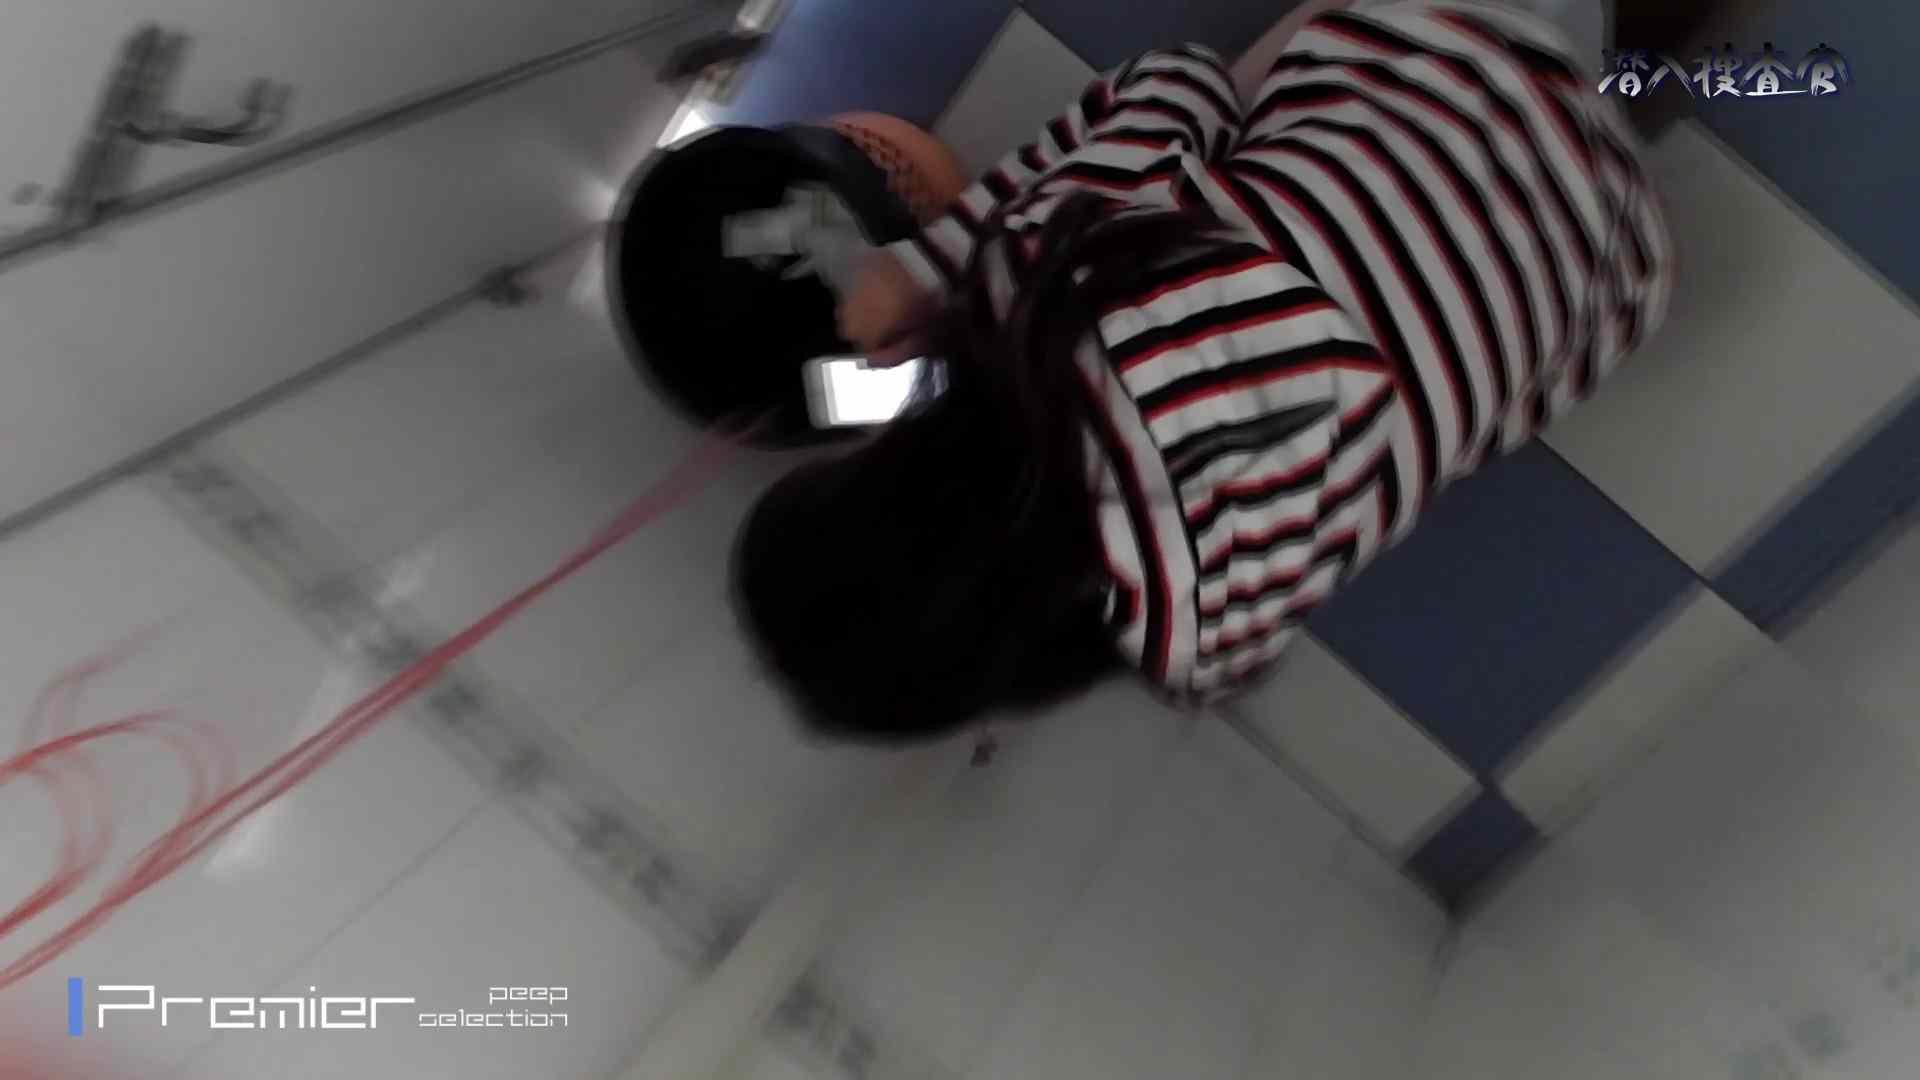 下からノゾム vol.041 携帯に夢中、後ろに居るカメラはやりたい放題! マンコ おまんこ無修正動画無料 79連発 37